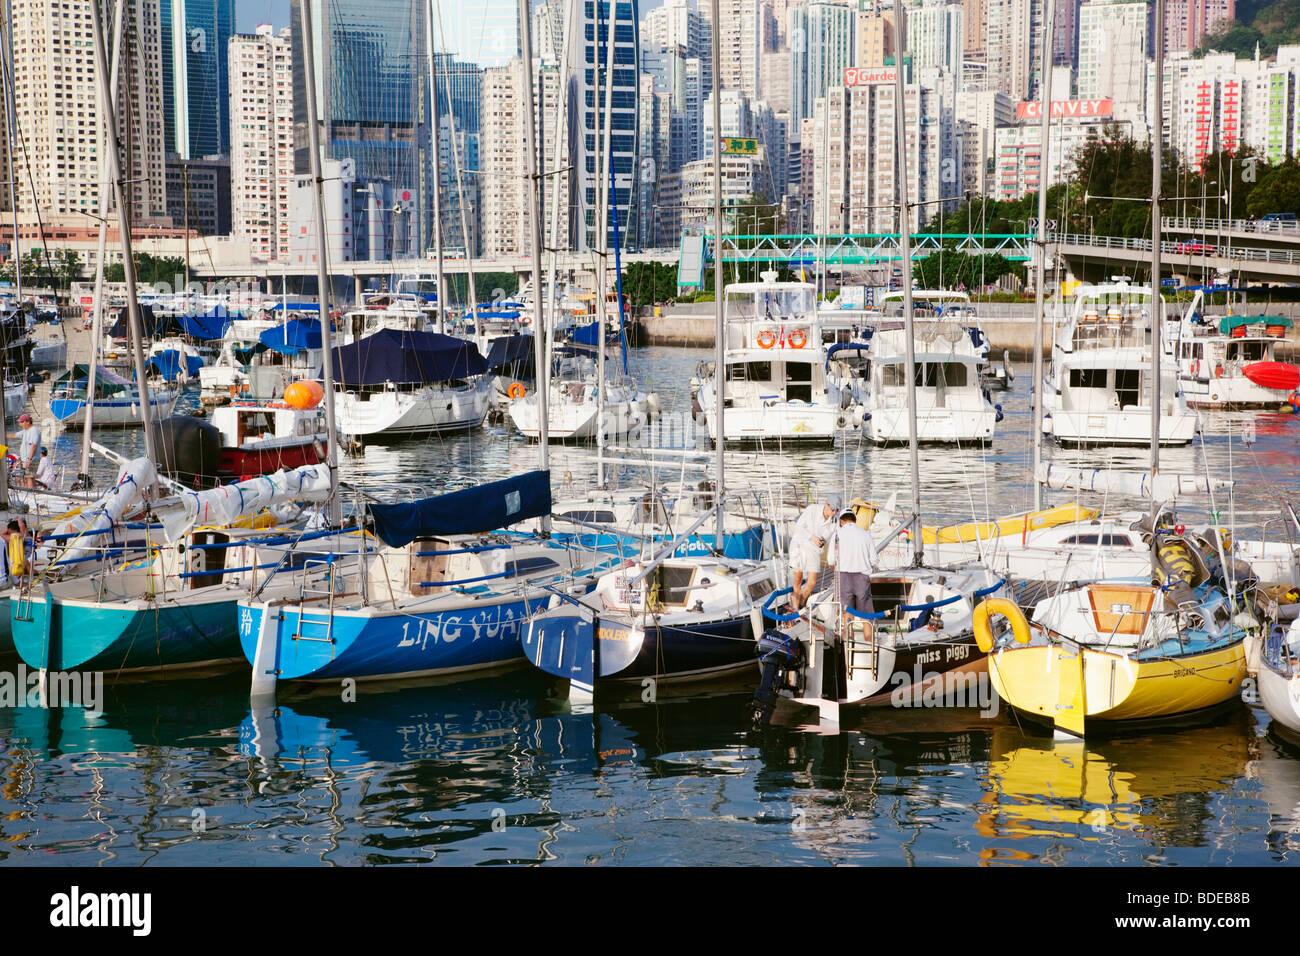 Royal Hong Kong Yacht Club in Hong Kong, China. - Stock Image